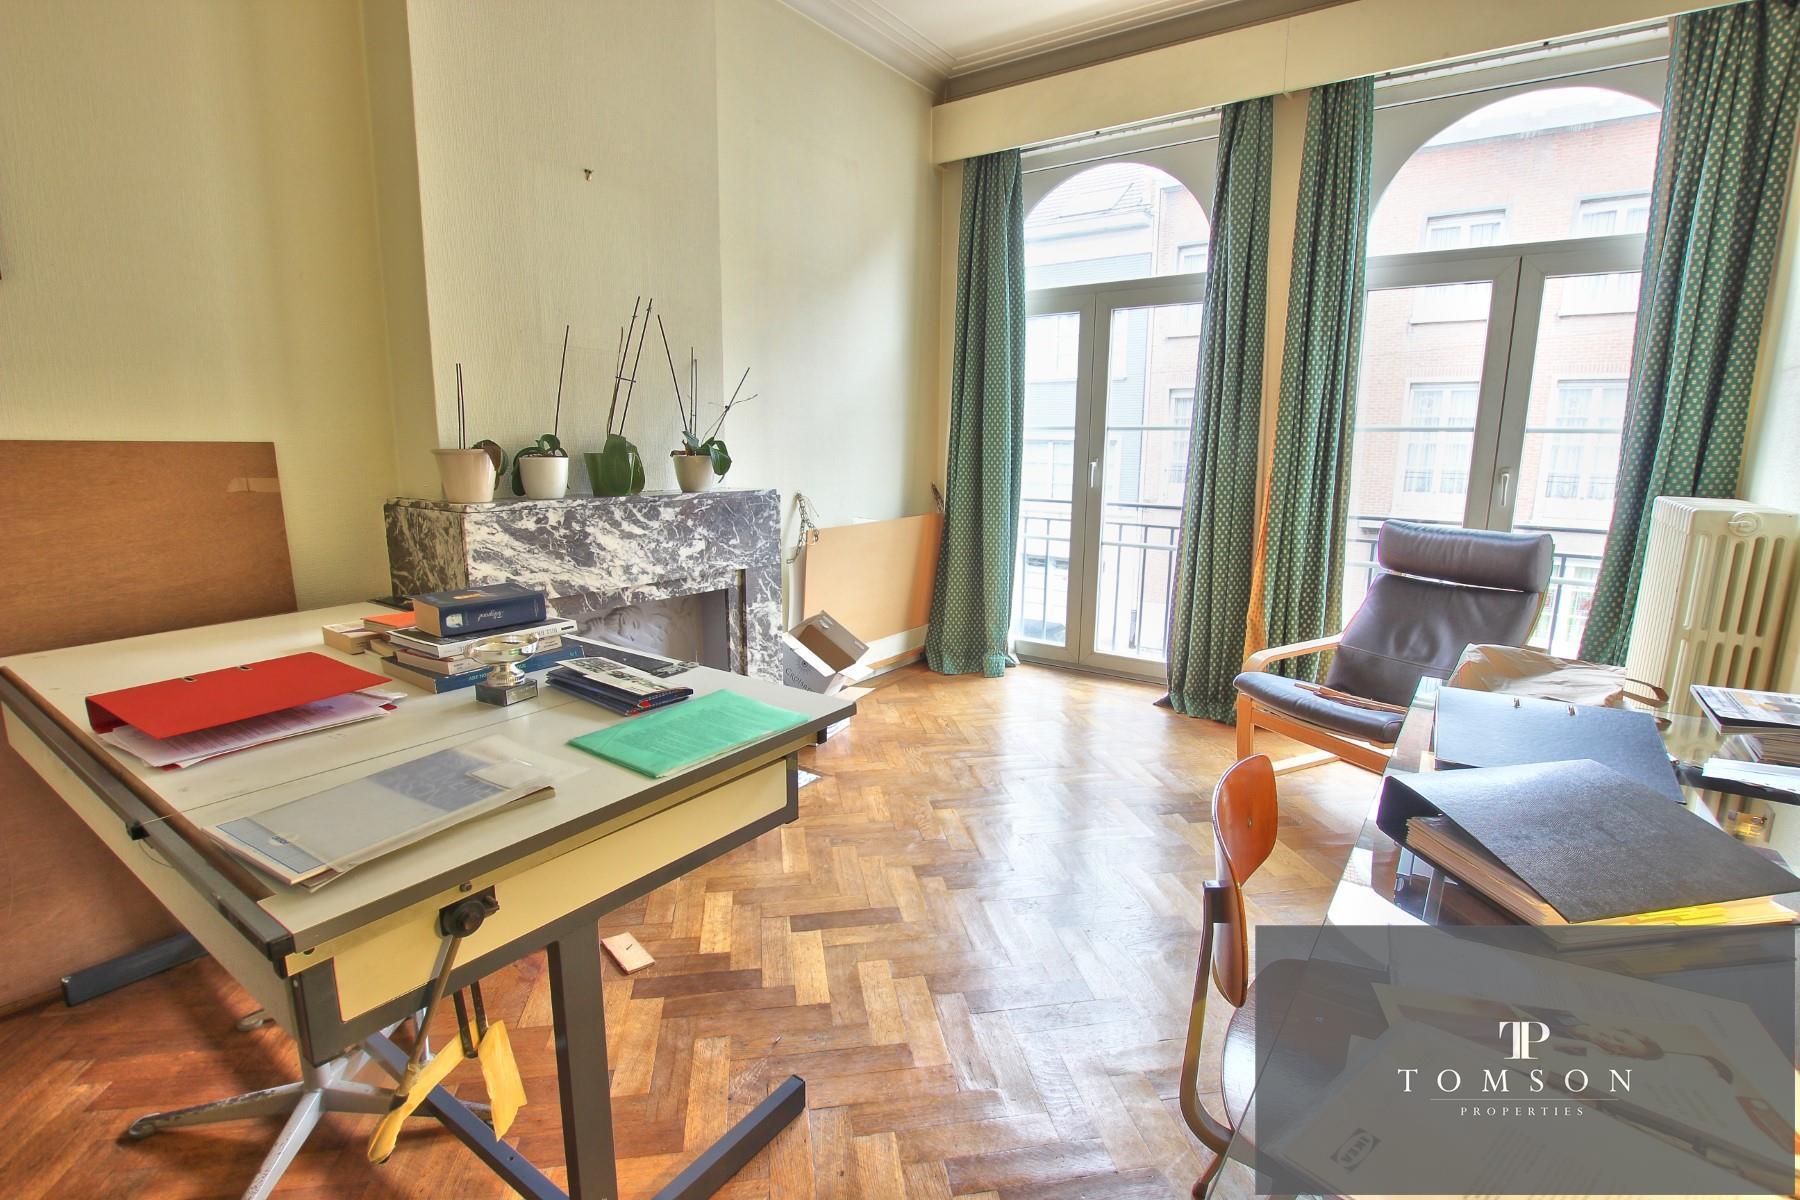 Appartement exceptionnel - Ixelles - #4098210-12